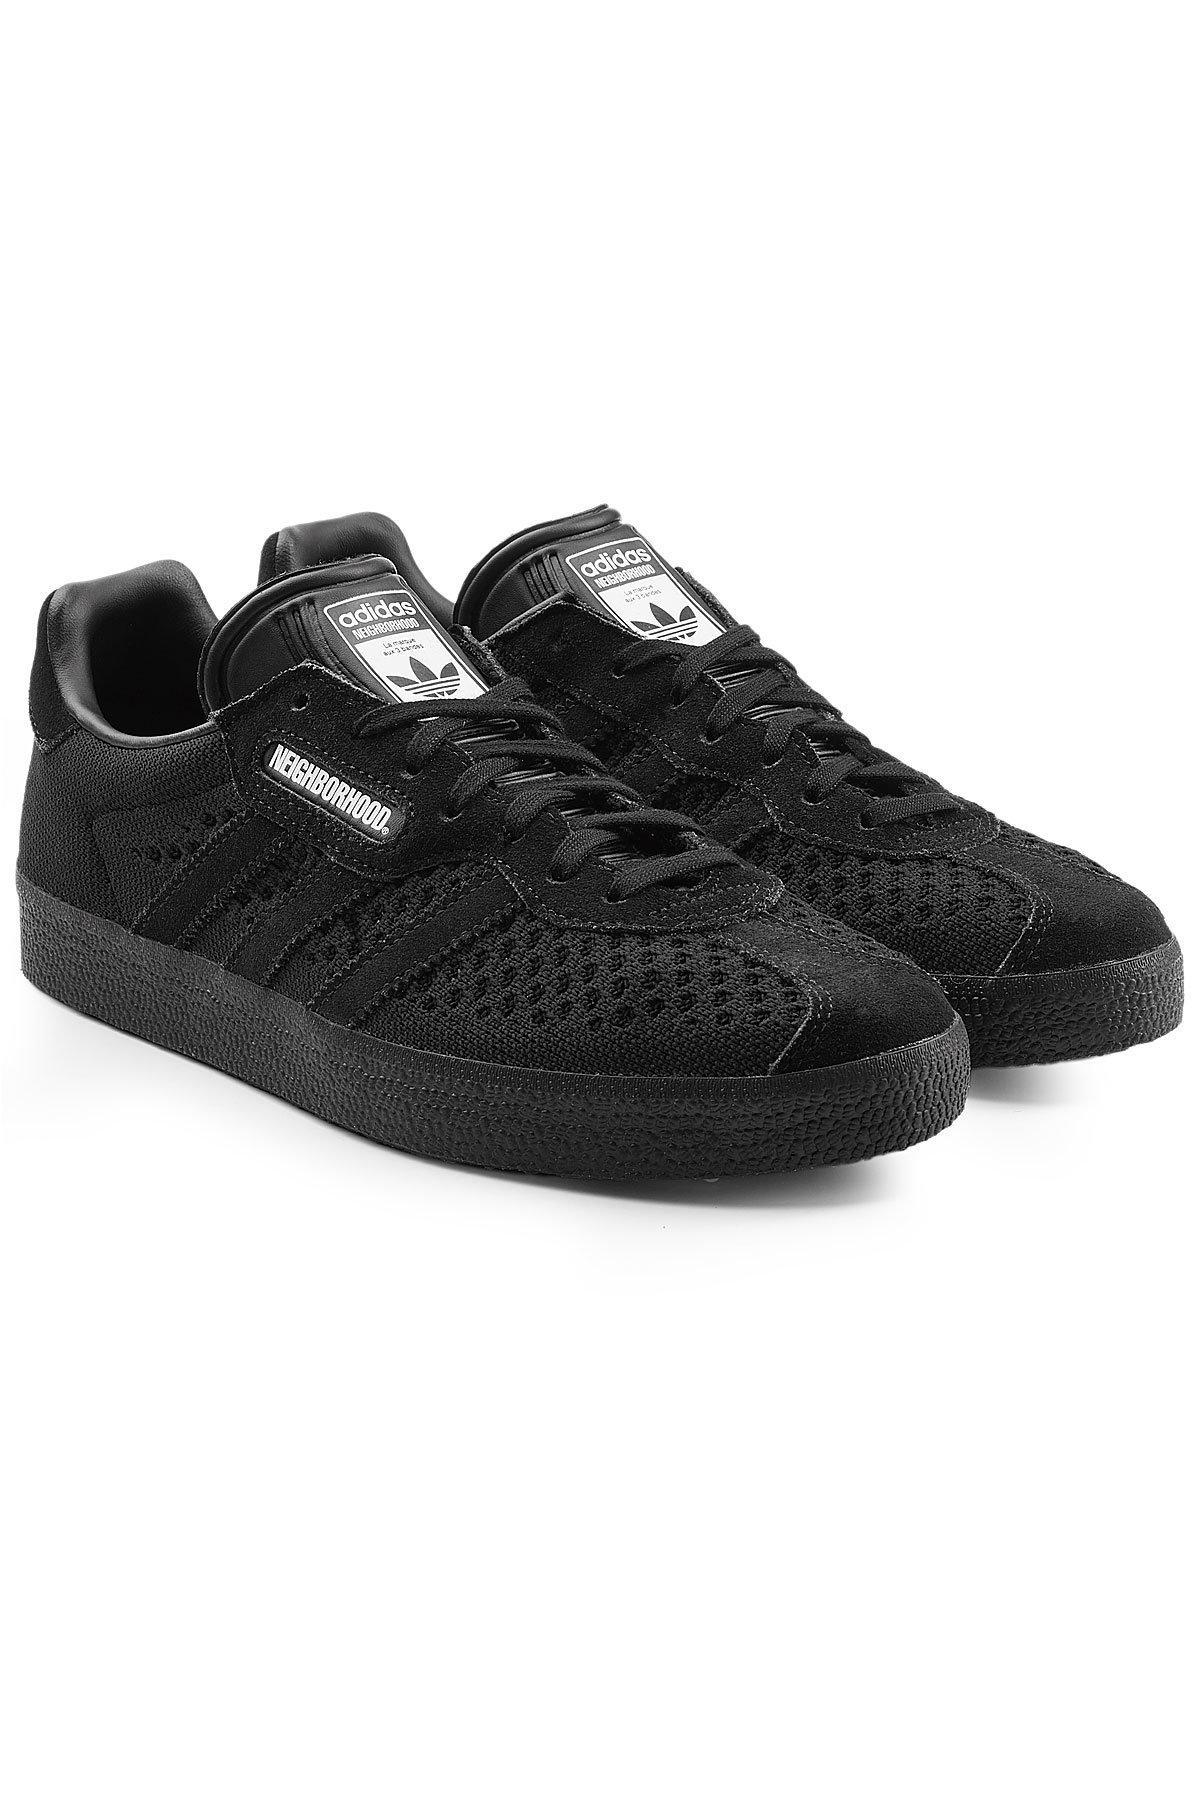 adidas originali gazzella super sneakers in nero per gli uomini lyst